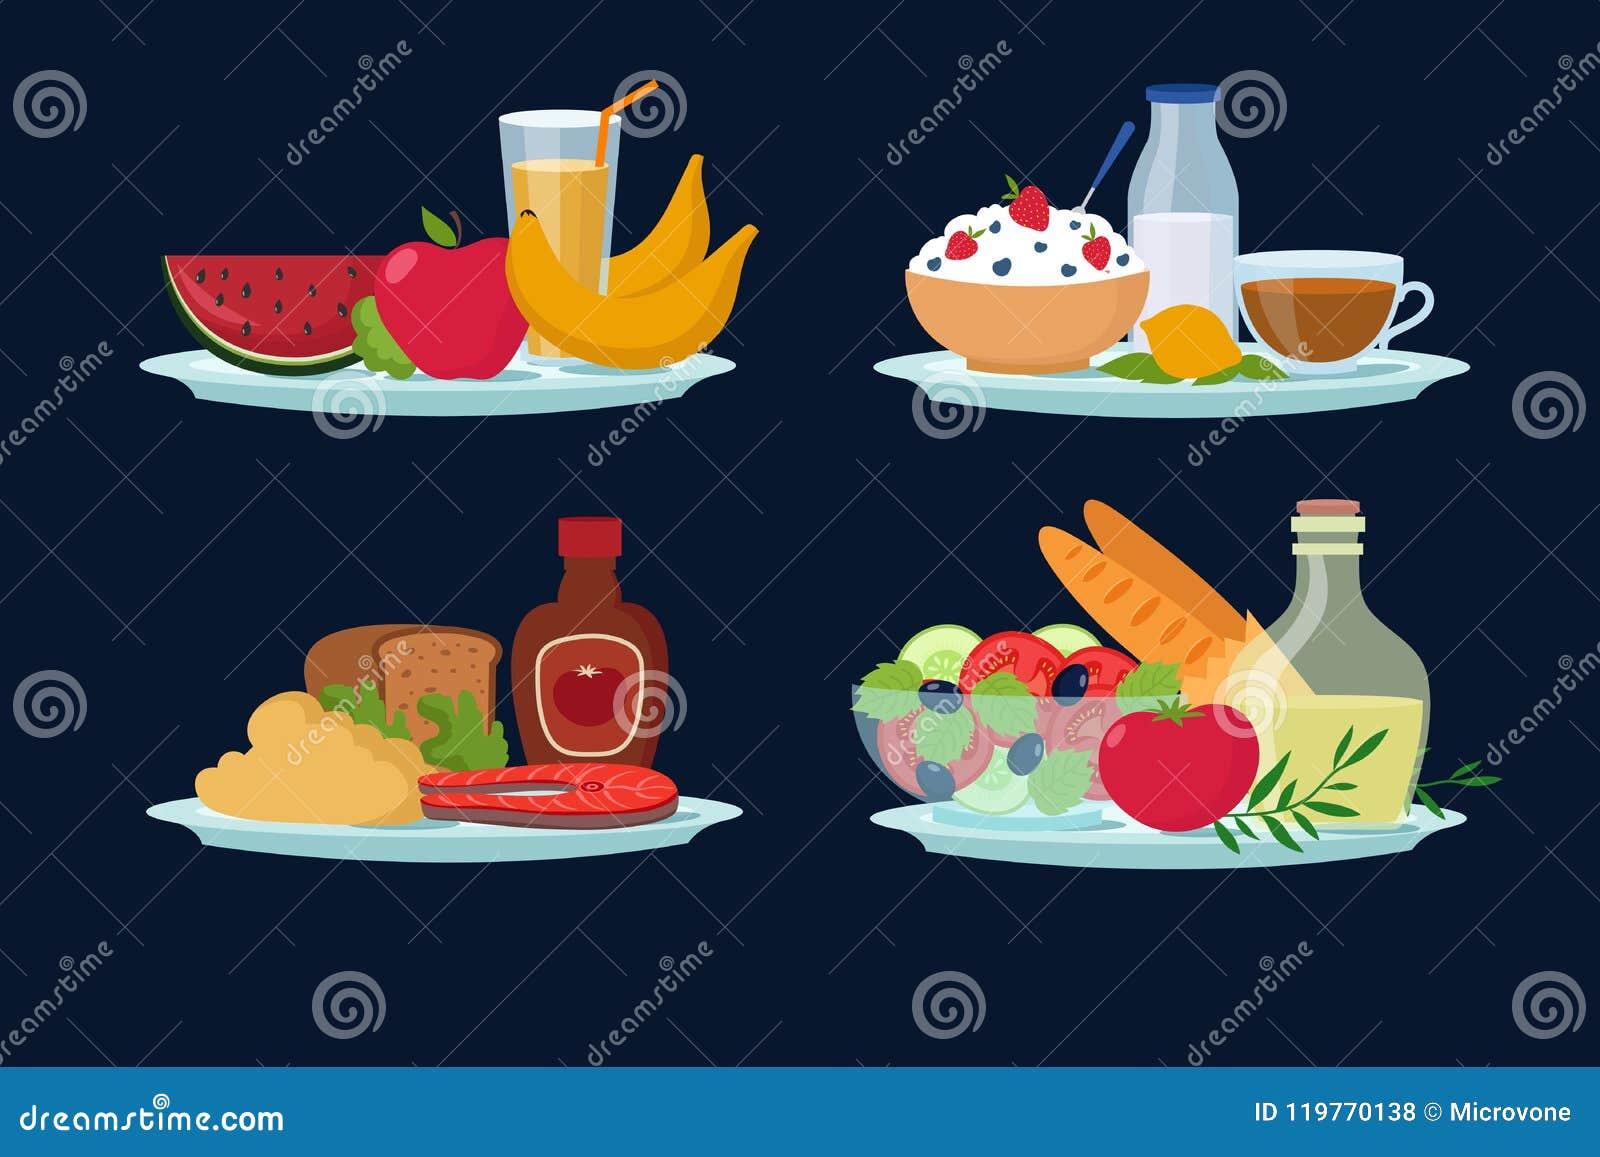 Καθημερινά γεύματα διατροφής, υγιή τρόφιμα για το πρόγευμα, μεσημεριανό γεύμα, διανυσματικά εικονίδια κινούμενων σχεδίων γευμάτων